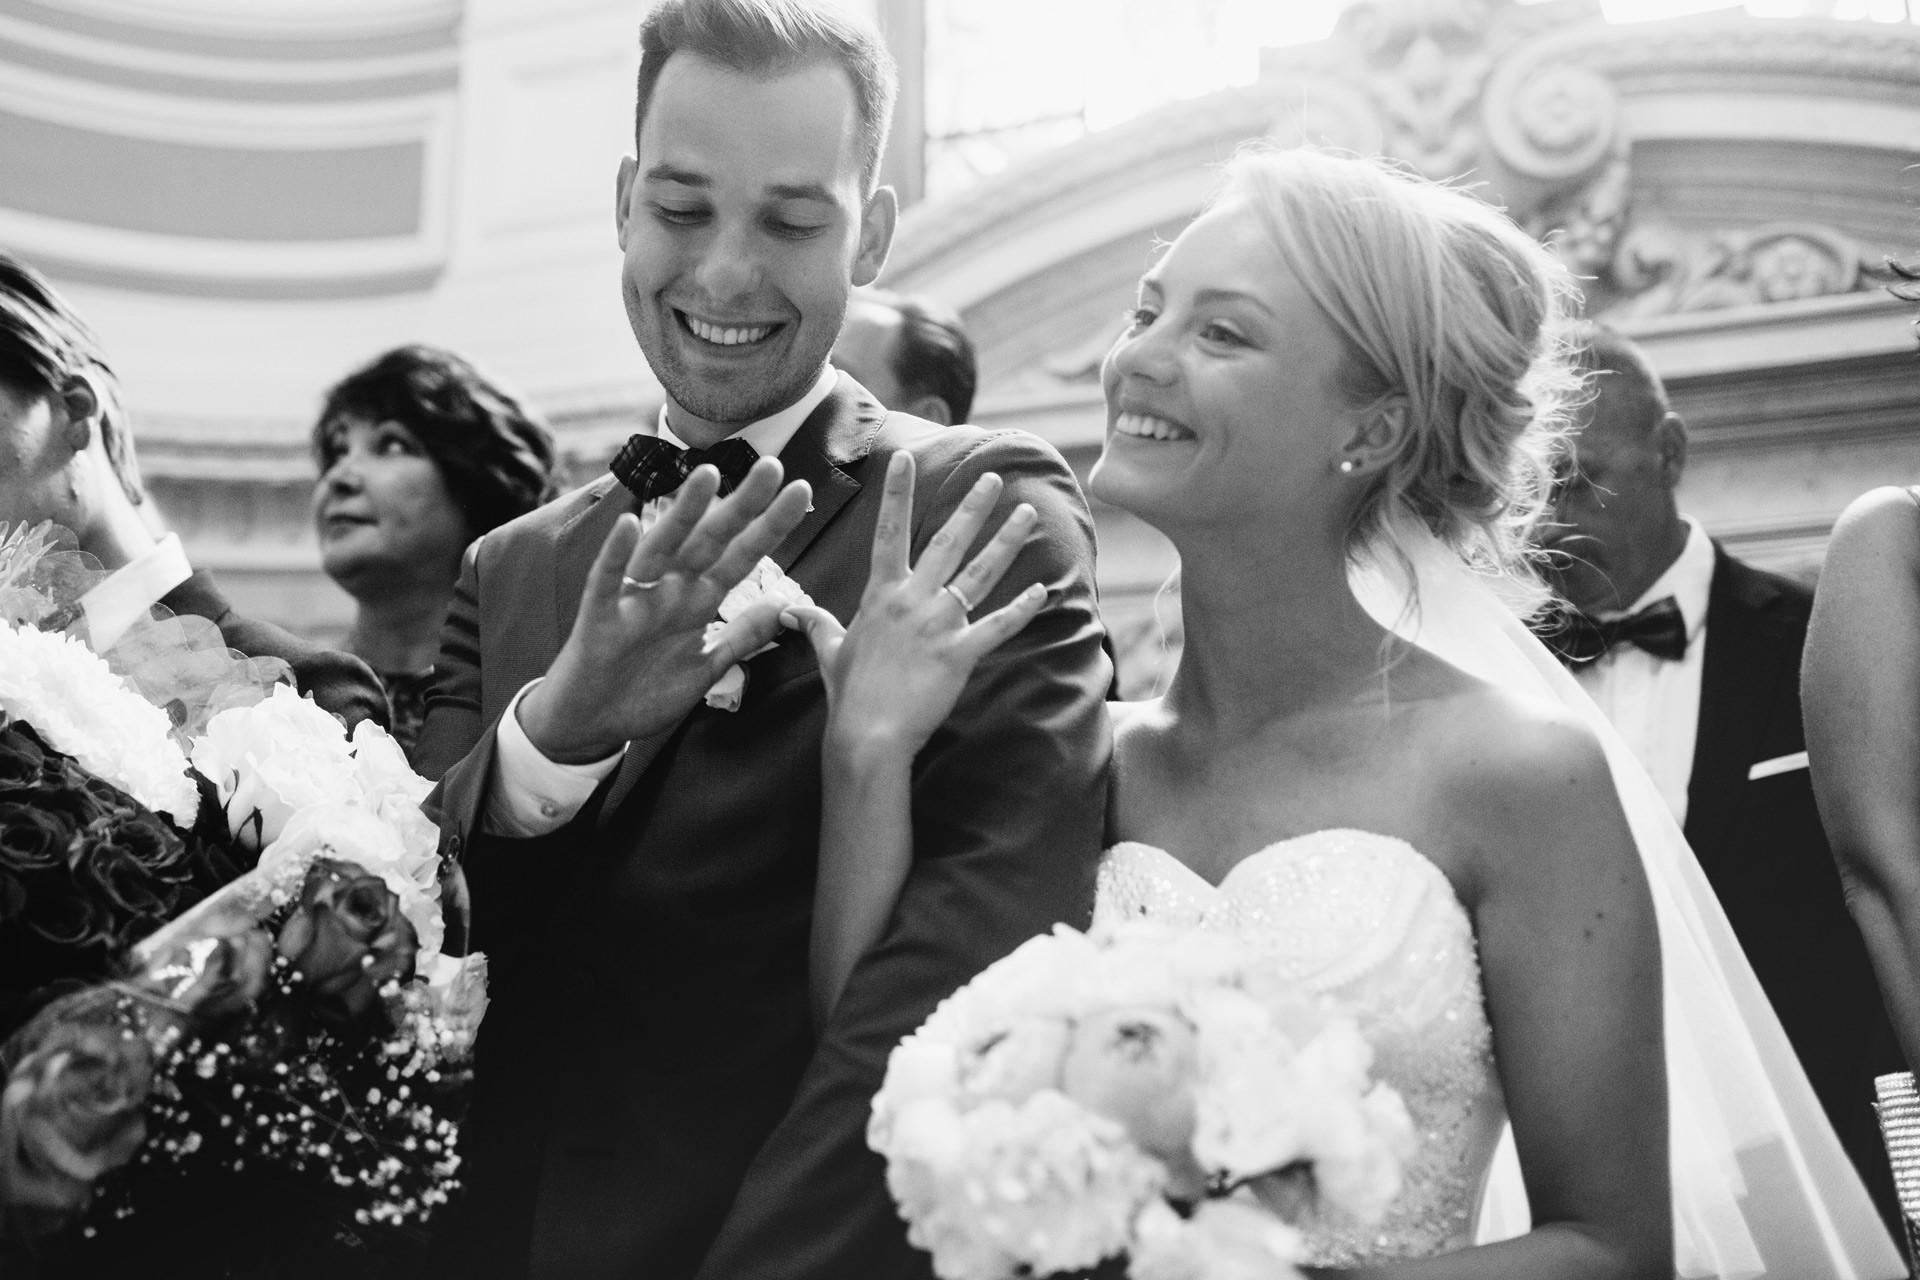 Фотограф рассказал, как снял лучший свадебный кадр сМеган Маркл ипринцем Гарри